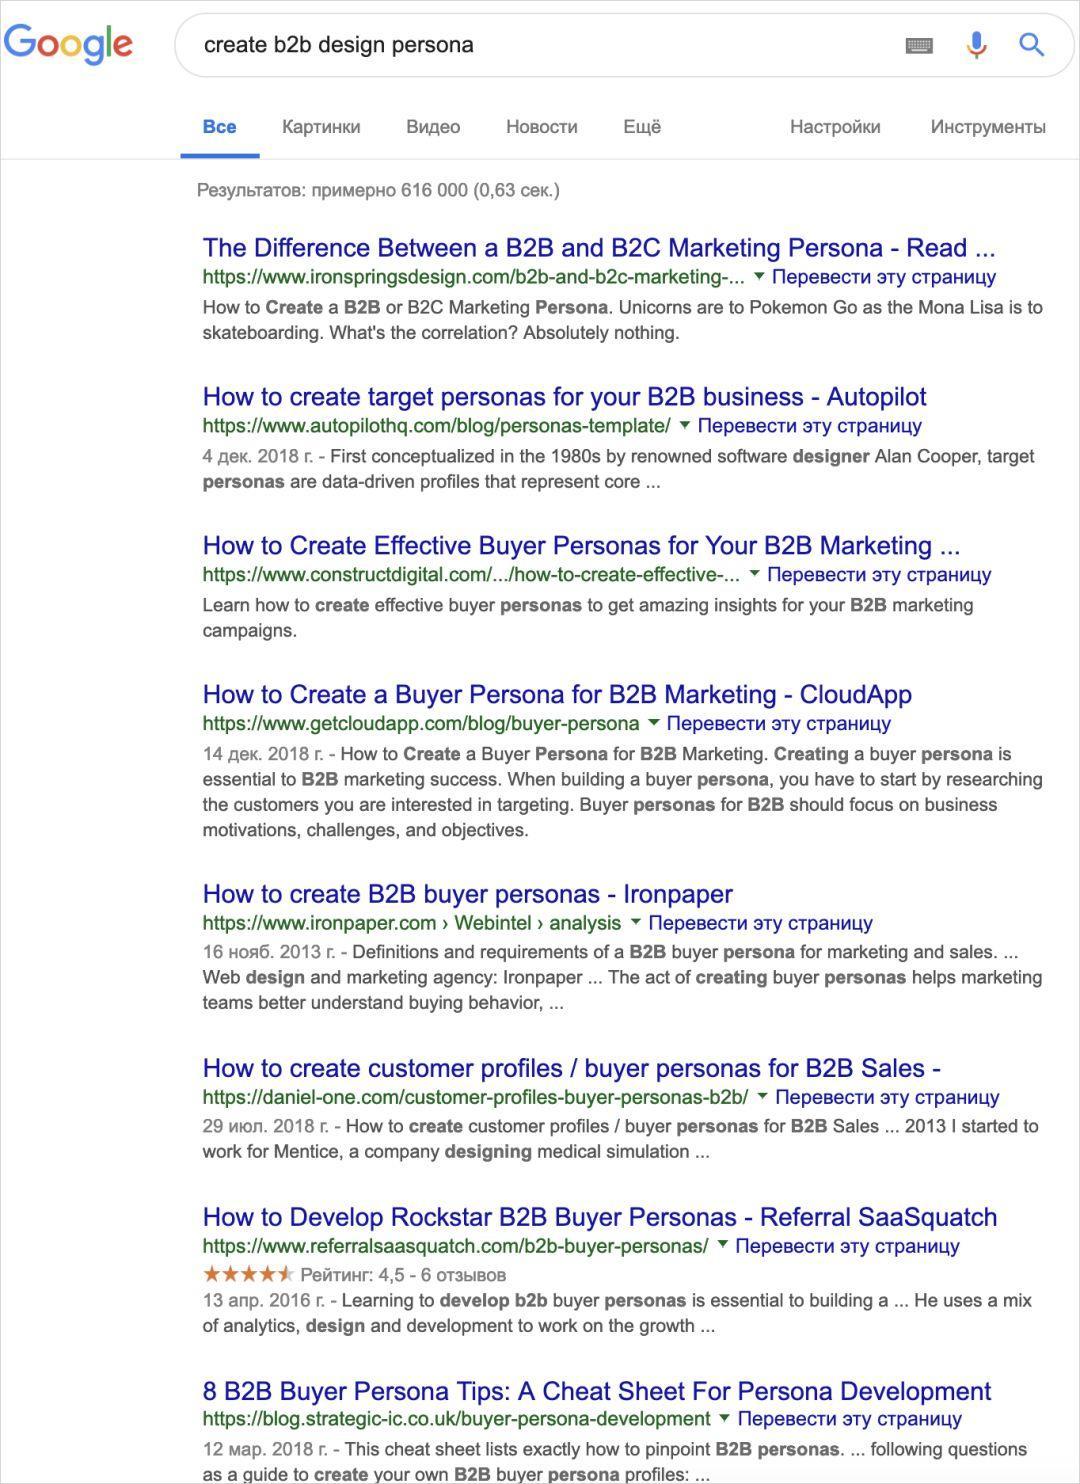 如何為 B2B 產品繪製用戶畫像(Persona)?